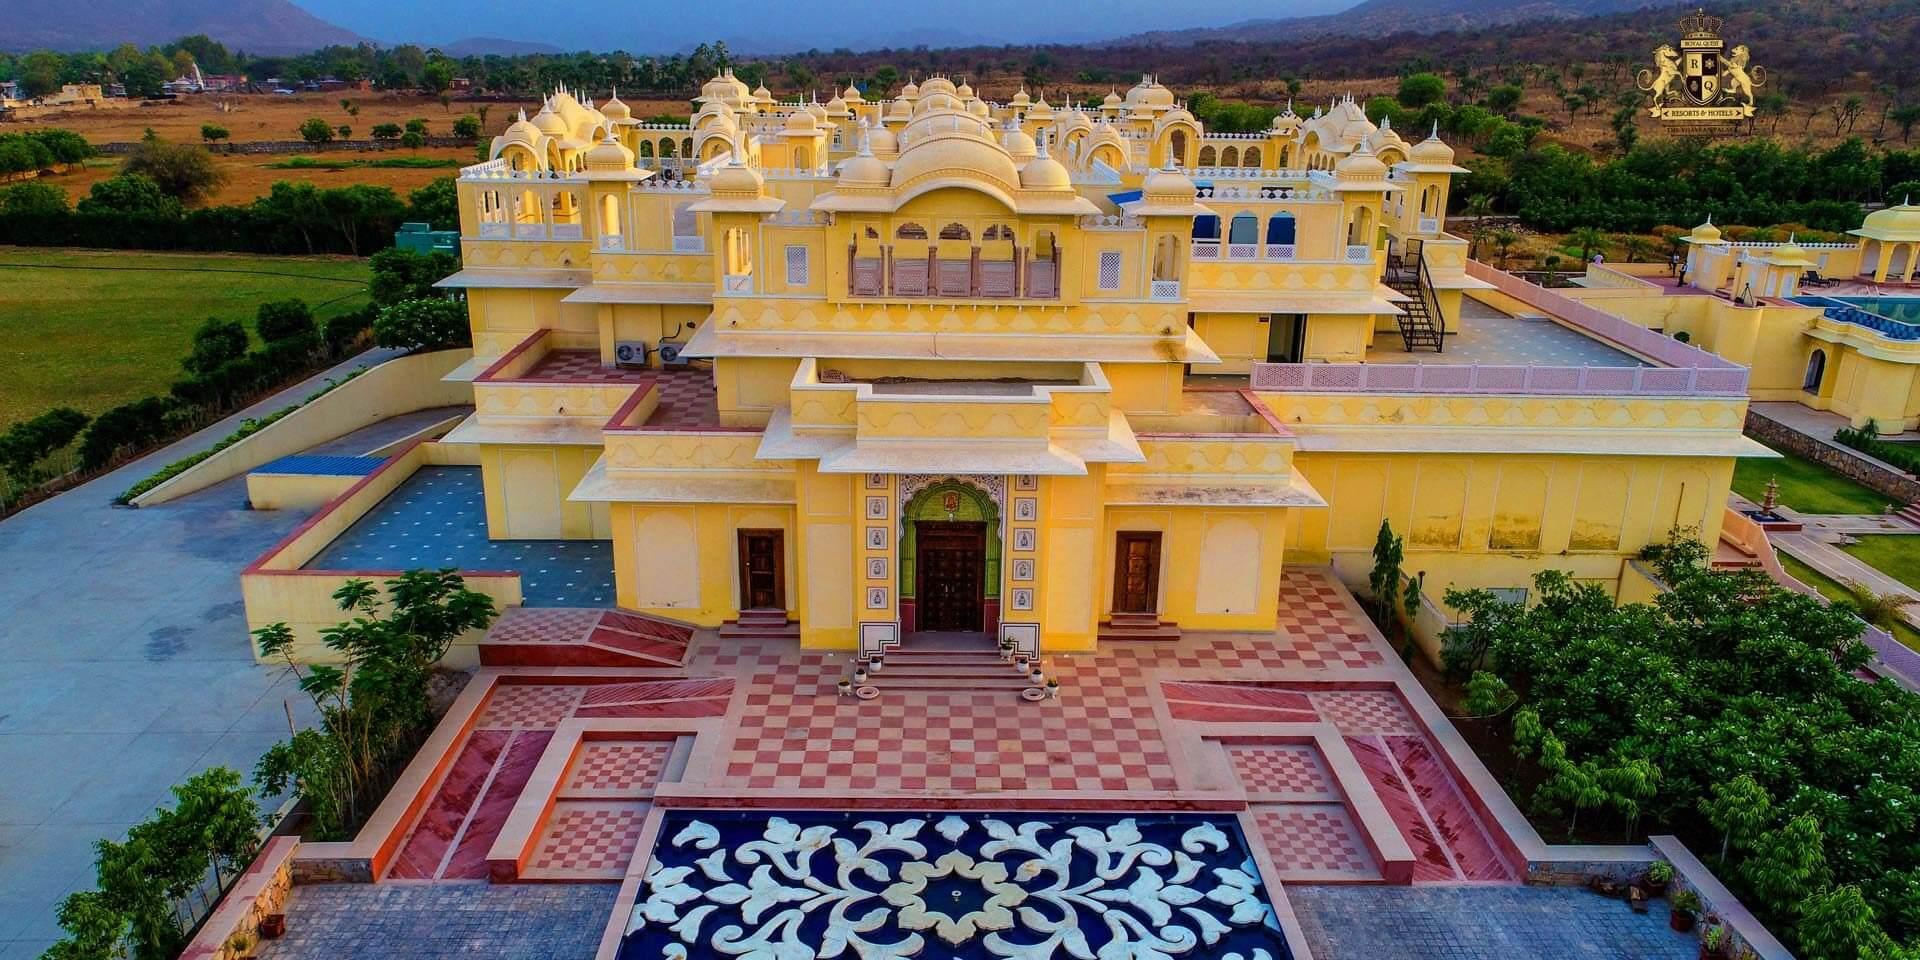 vijayran palace jaipur, Best Hotel in Jaipur City